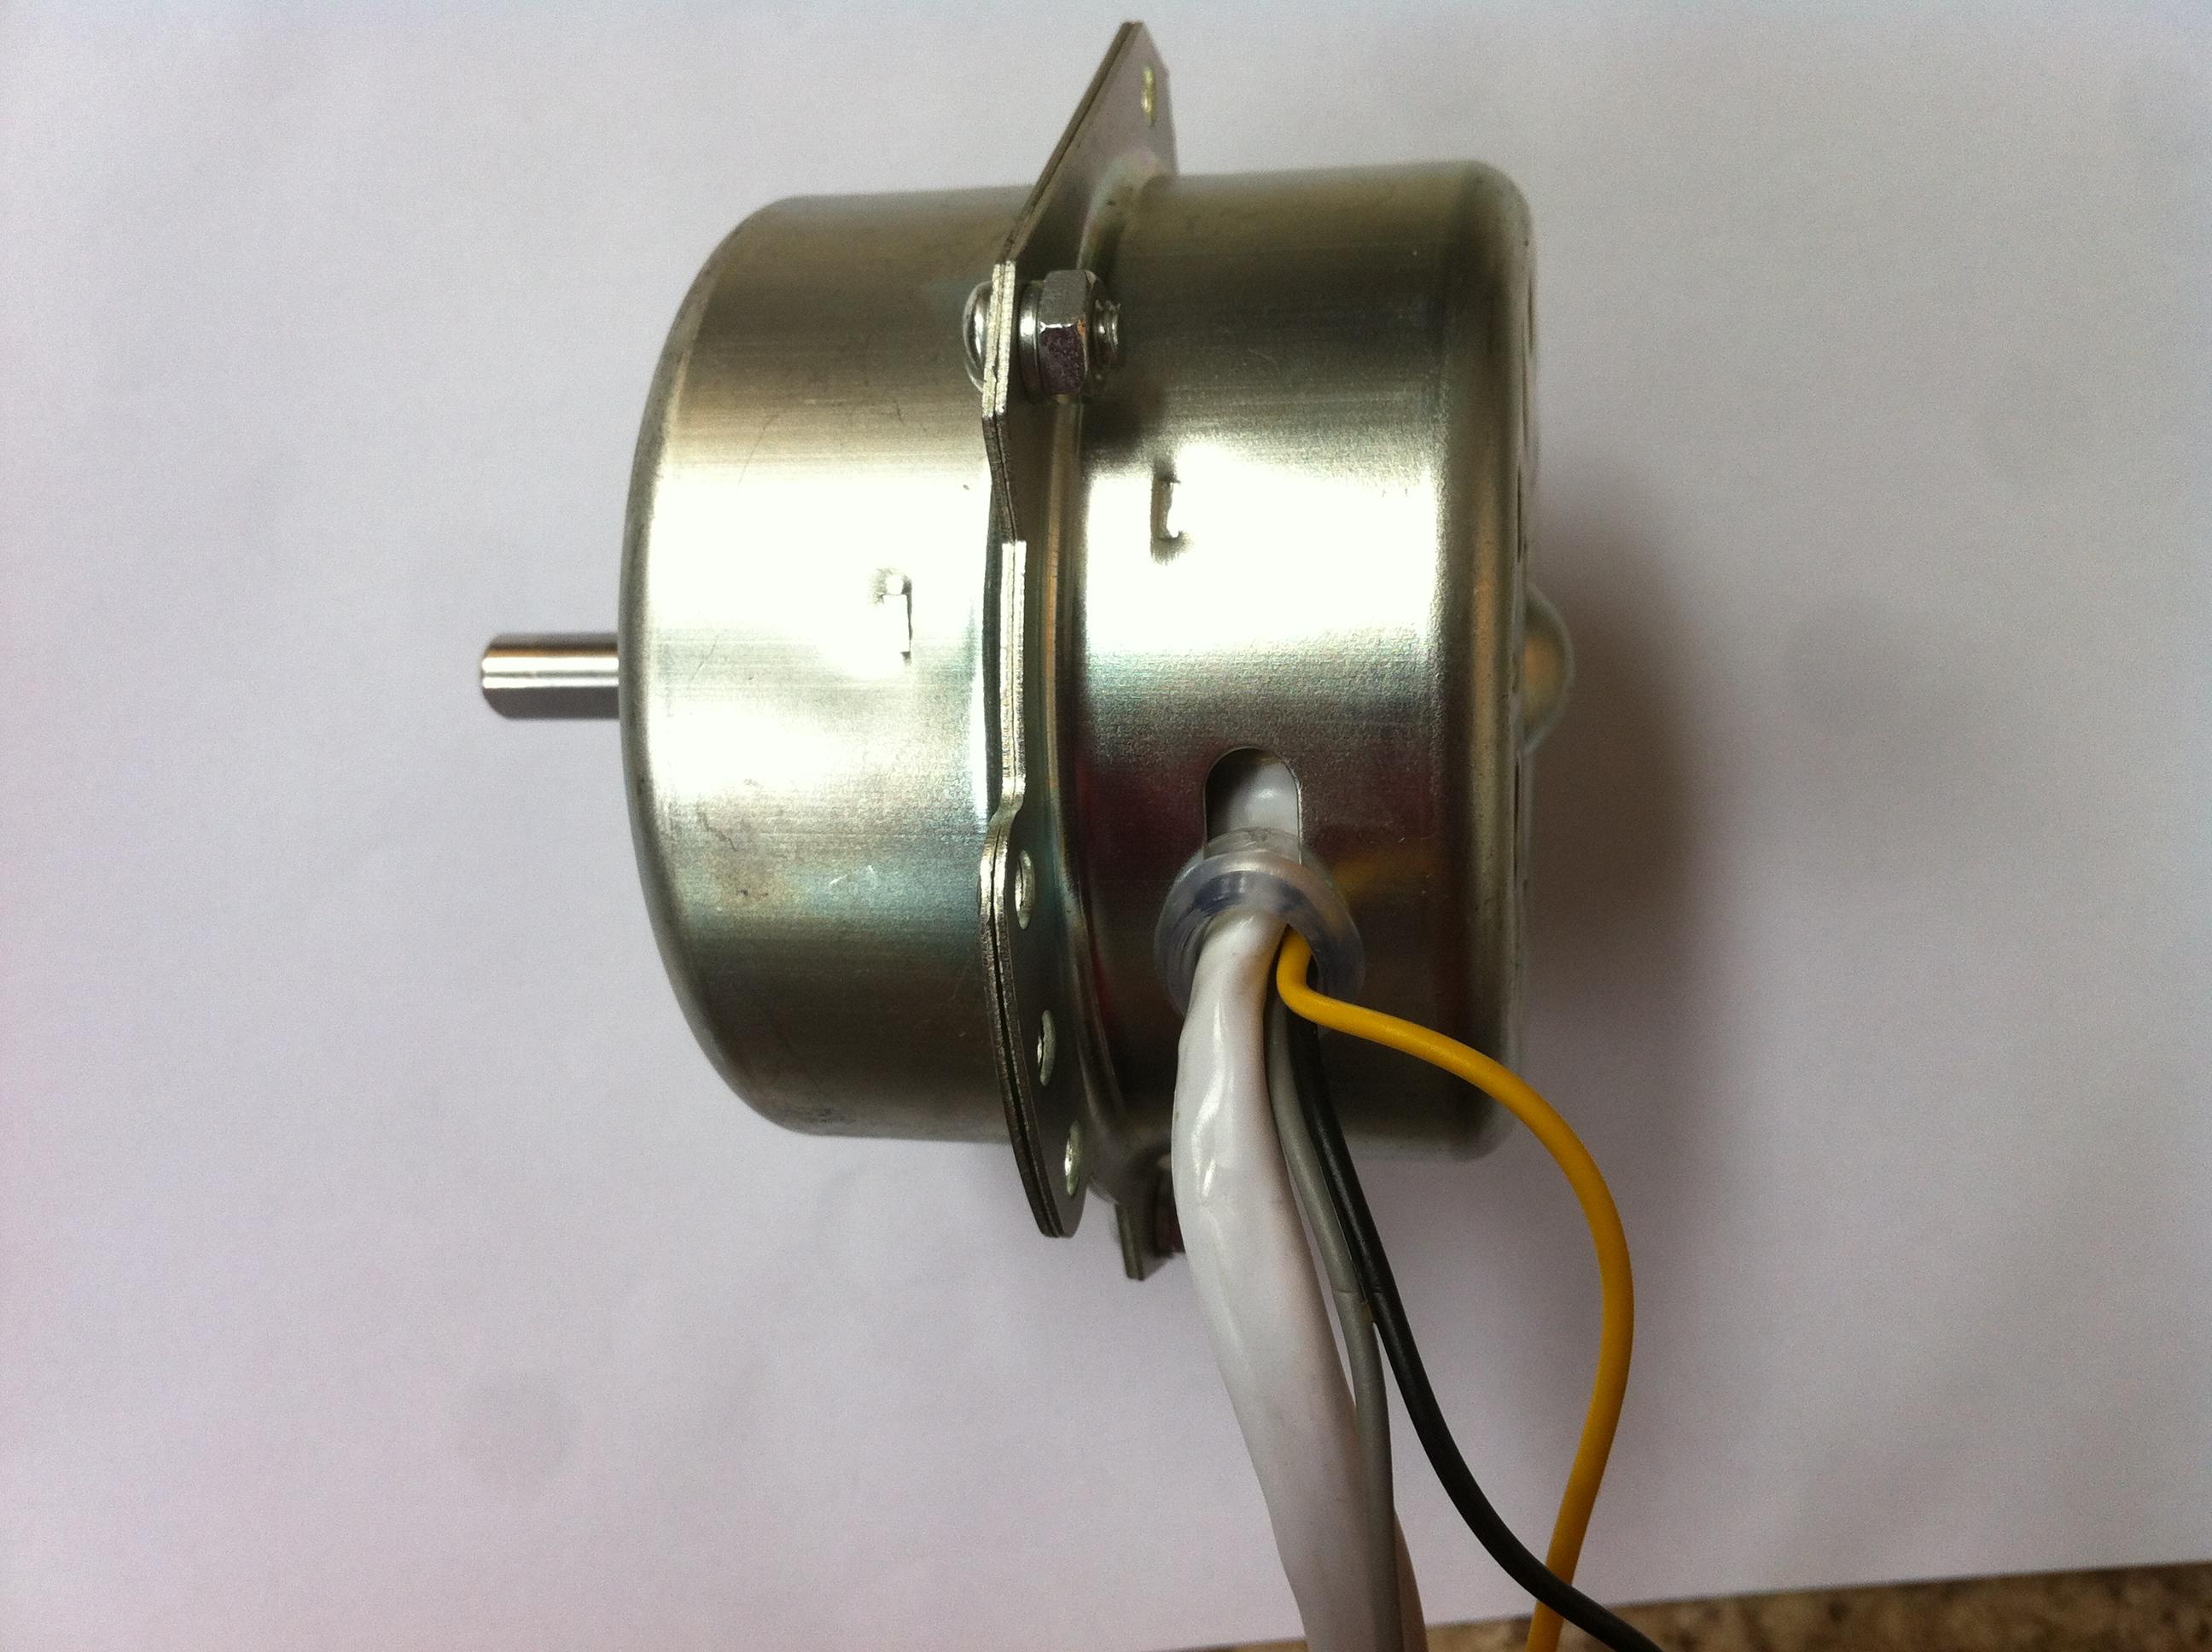 Το κλιματιστικό FK-L26/RLG04-11BR πρωτοπόρος του ανεμιστήρα ψύξης κινητήρα